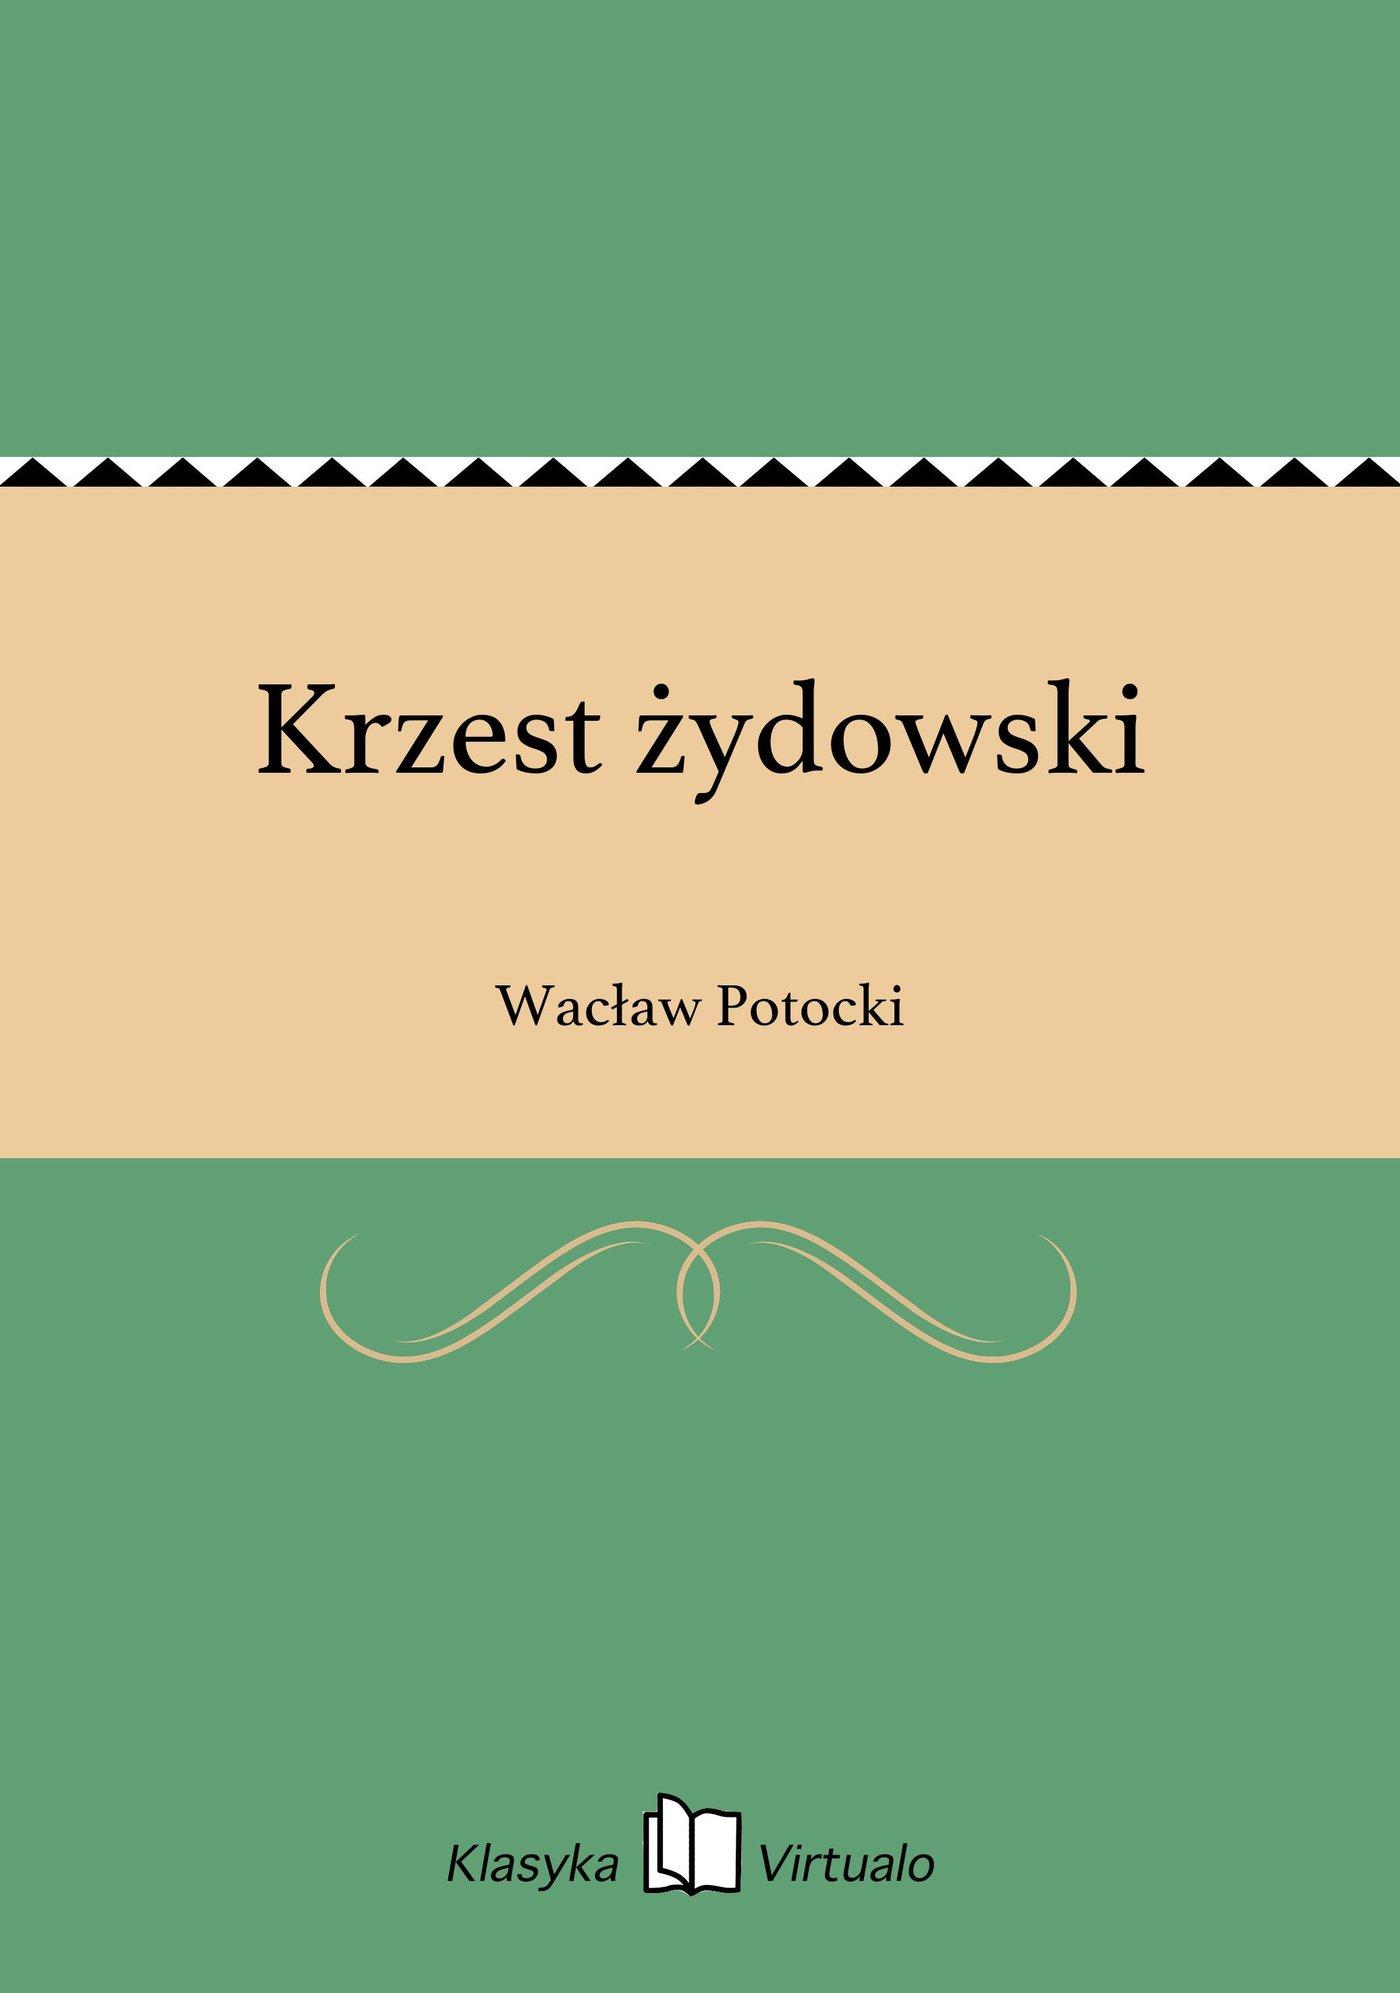 Krzest żydowski - Ebook (Książka EPUB) do pobrania w formacie EPUB